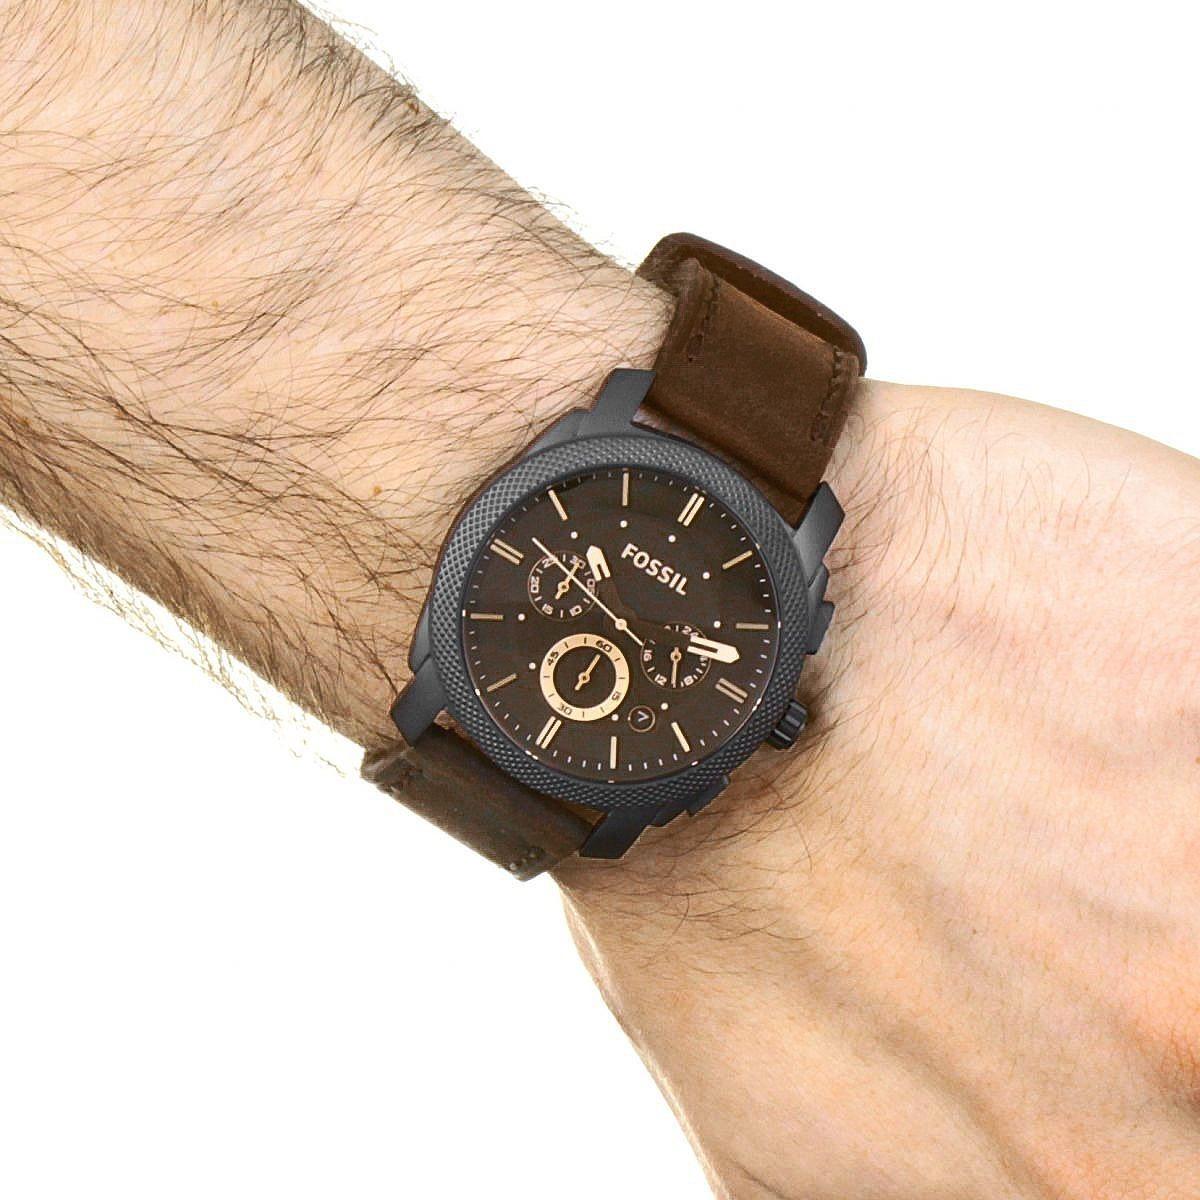 diseños atractivos comprar auténtico ventas especiales Reloj Fossil Machine Fs5251set + Pulsera En Stock Original